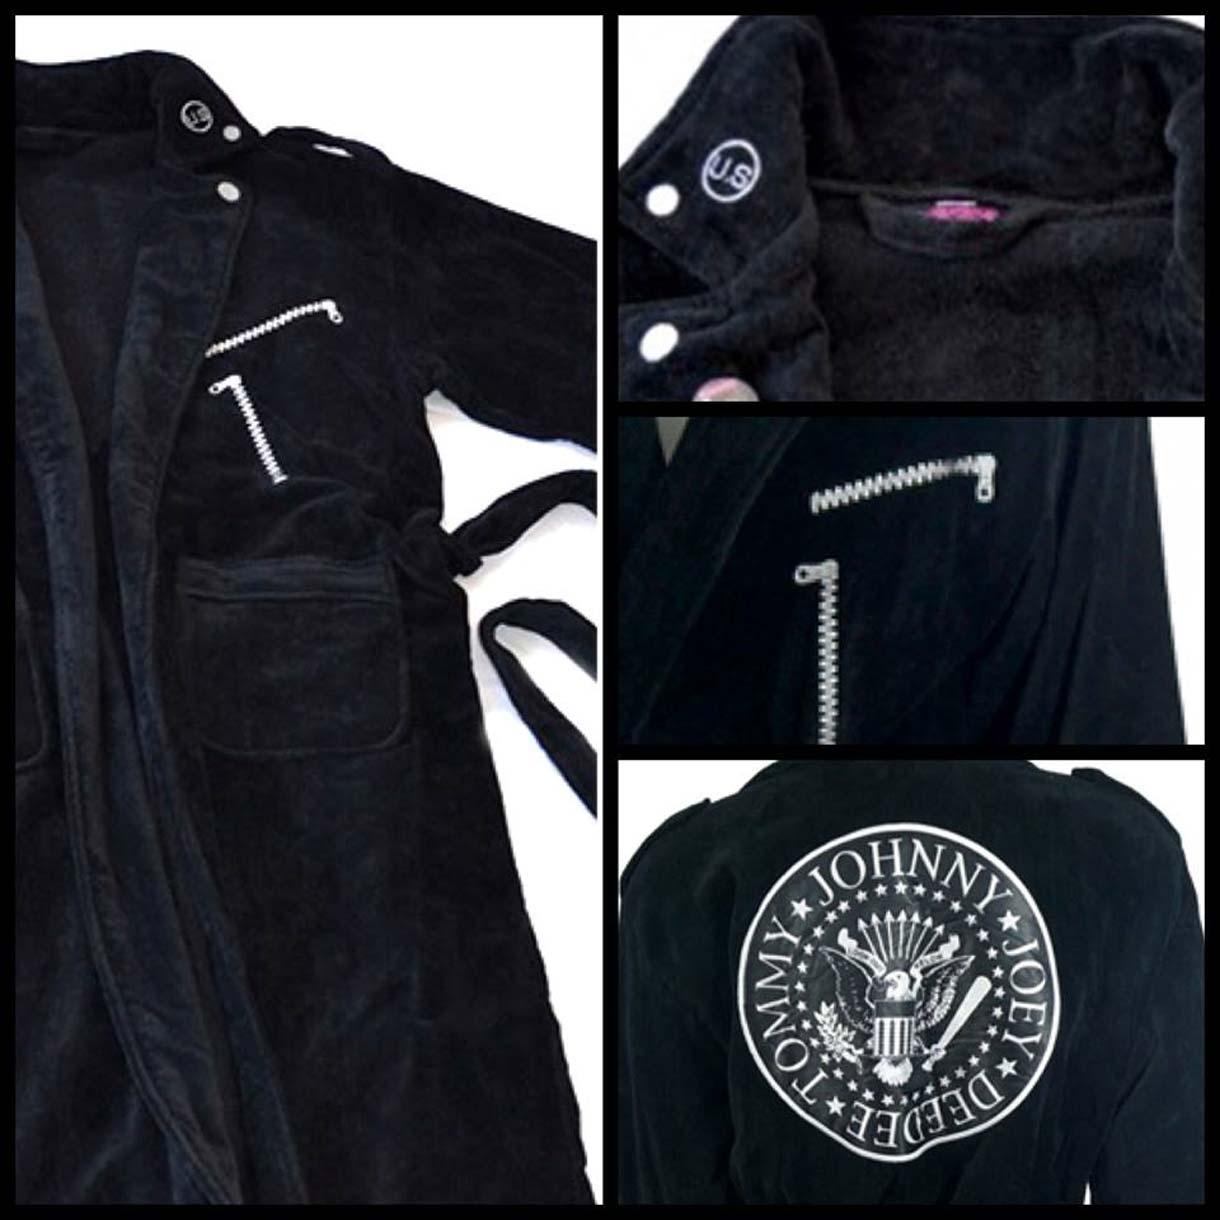 Ramones-apparel- accappatoio-vestaglia - semmstore.com-semm-semmmusic-record-store-music-store-semmstore